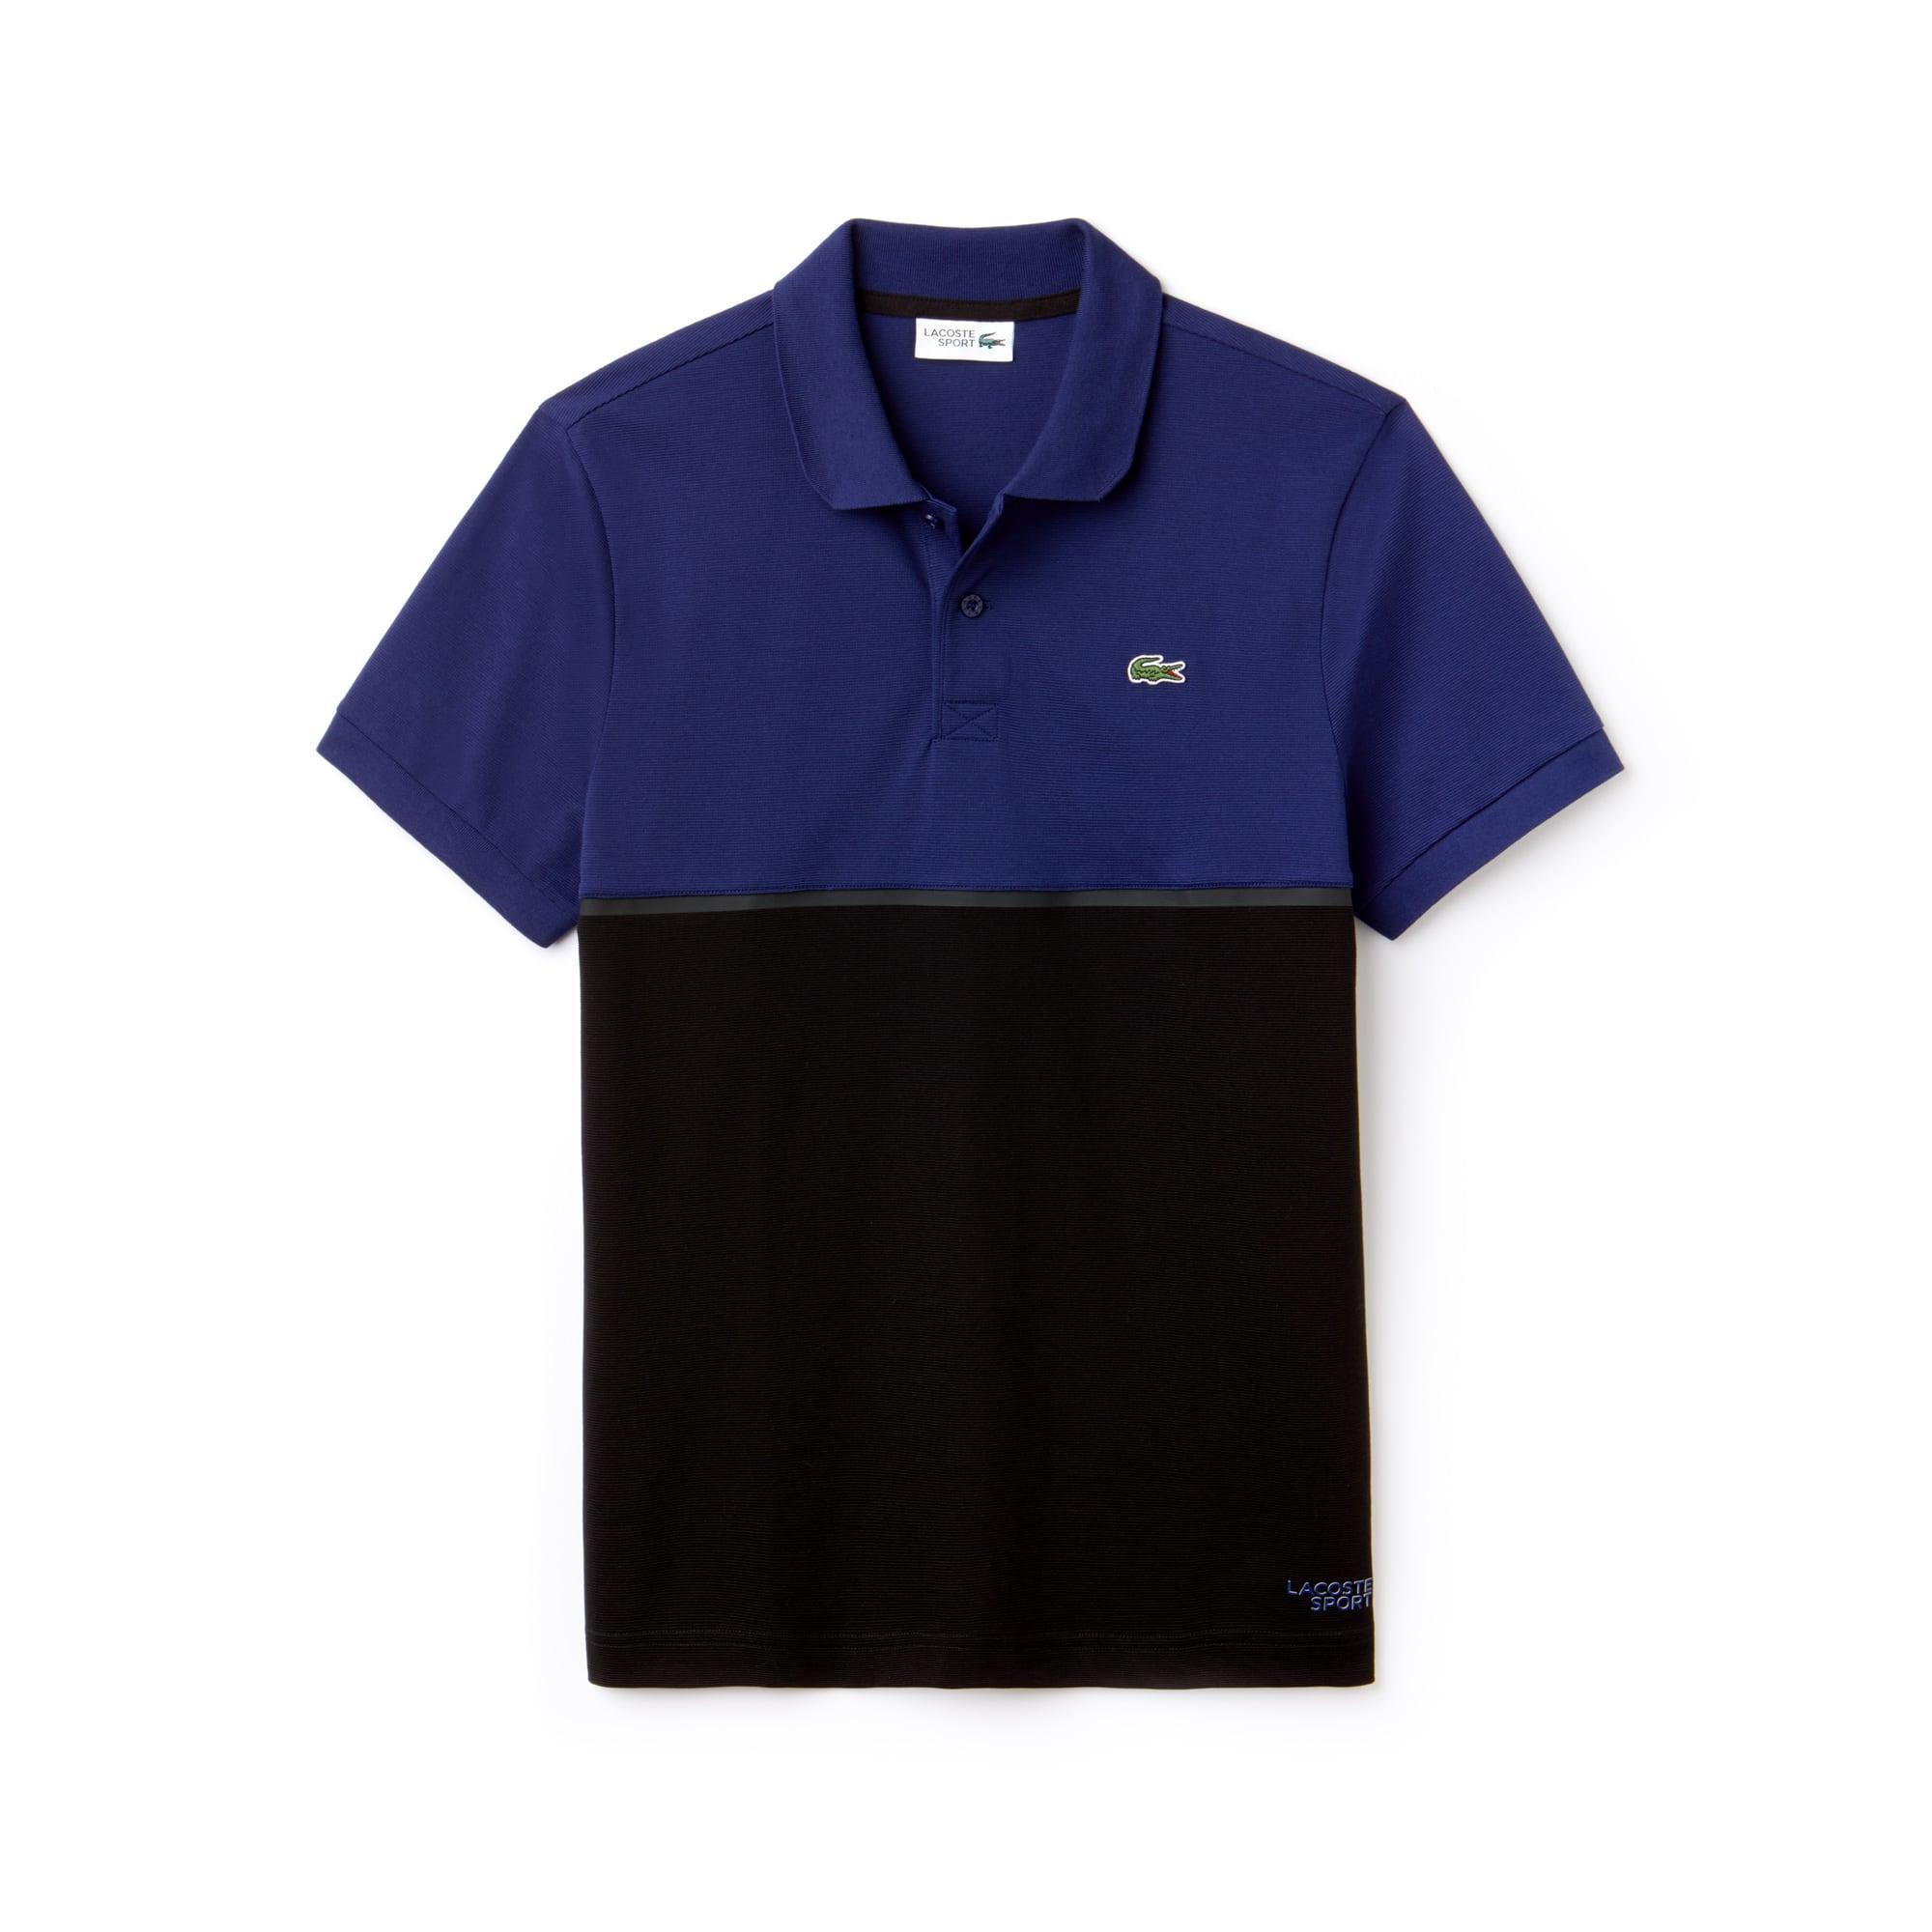 Herren LACOSTE SPORT Tennis Poloshirt aus ultraleichter Baumwolle mit Colorblocks